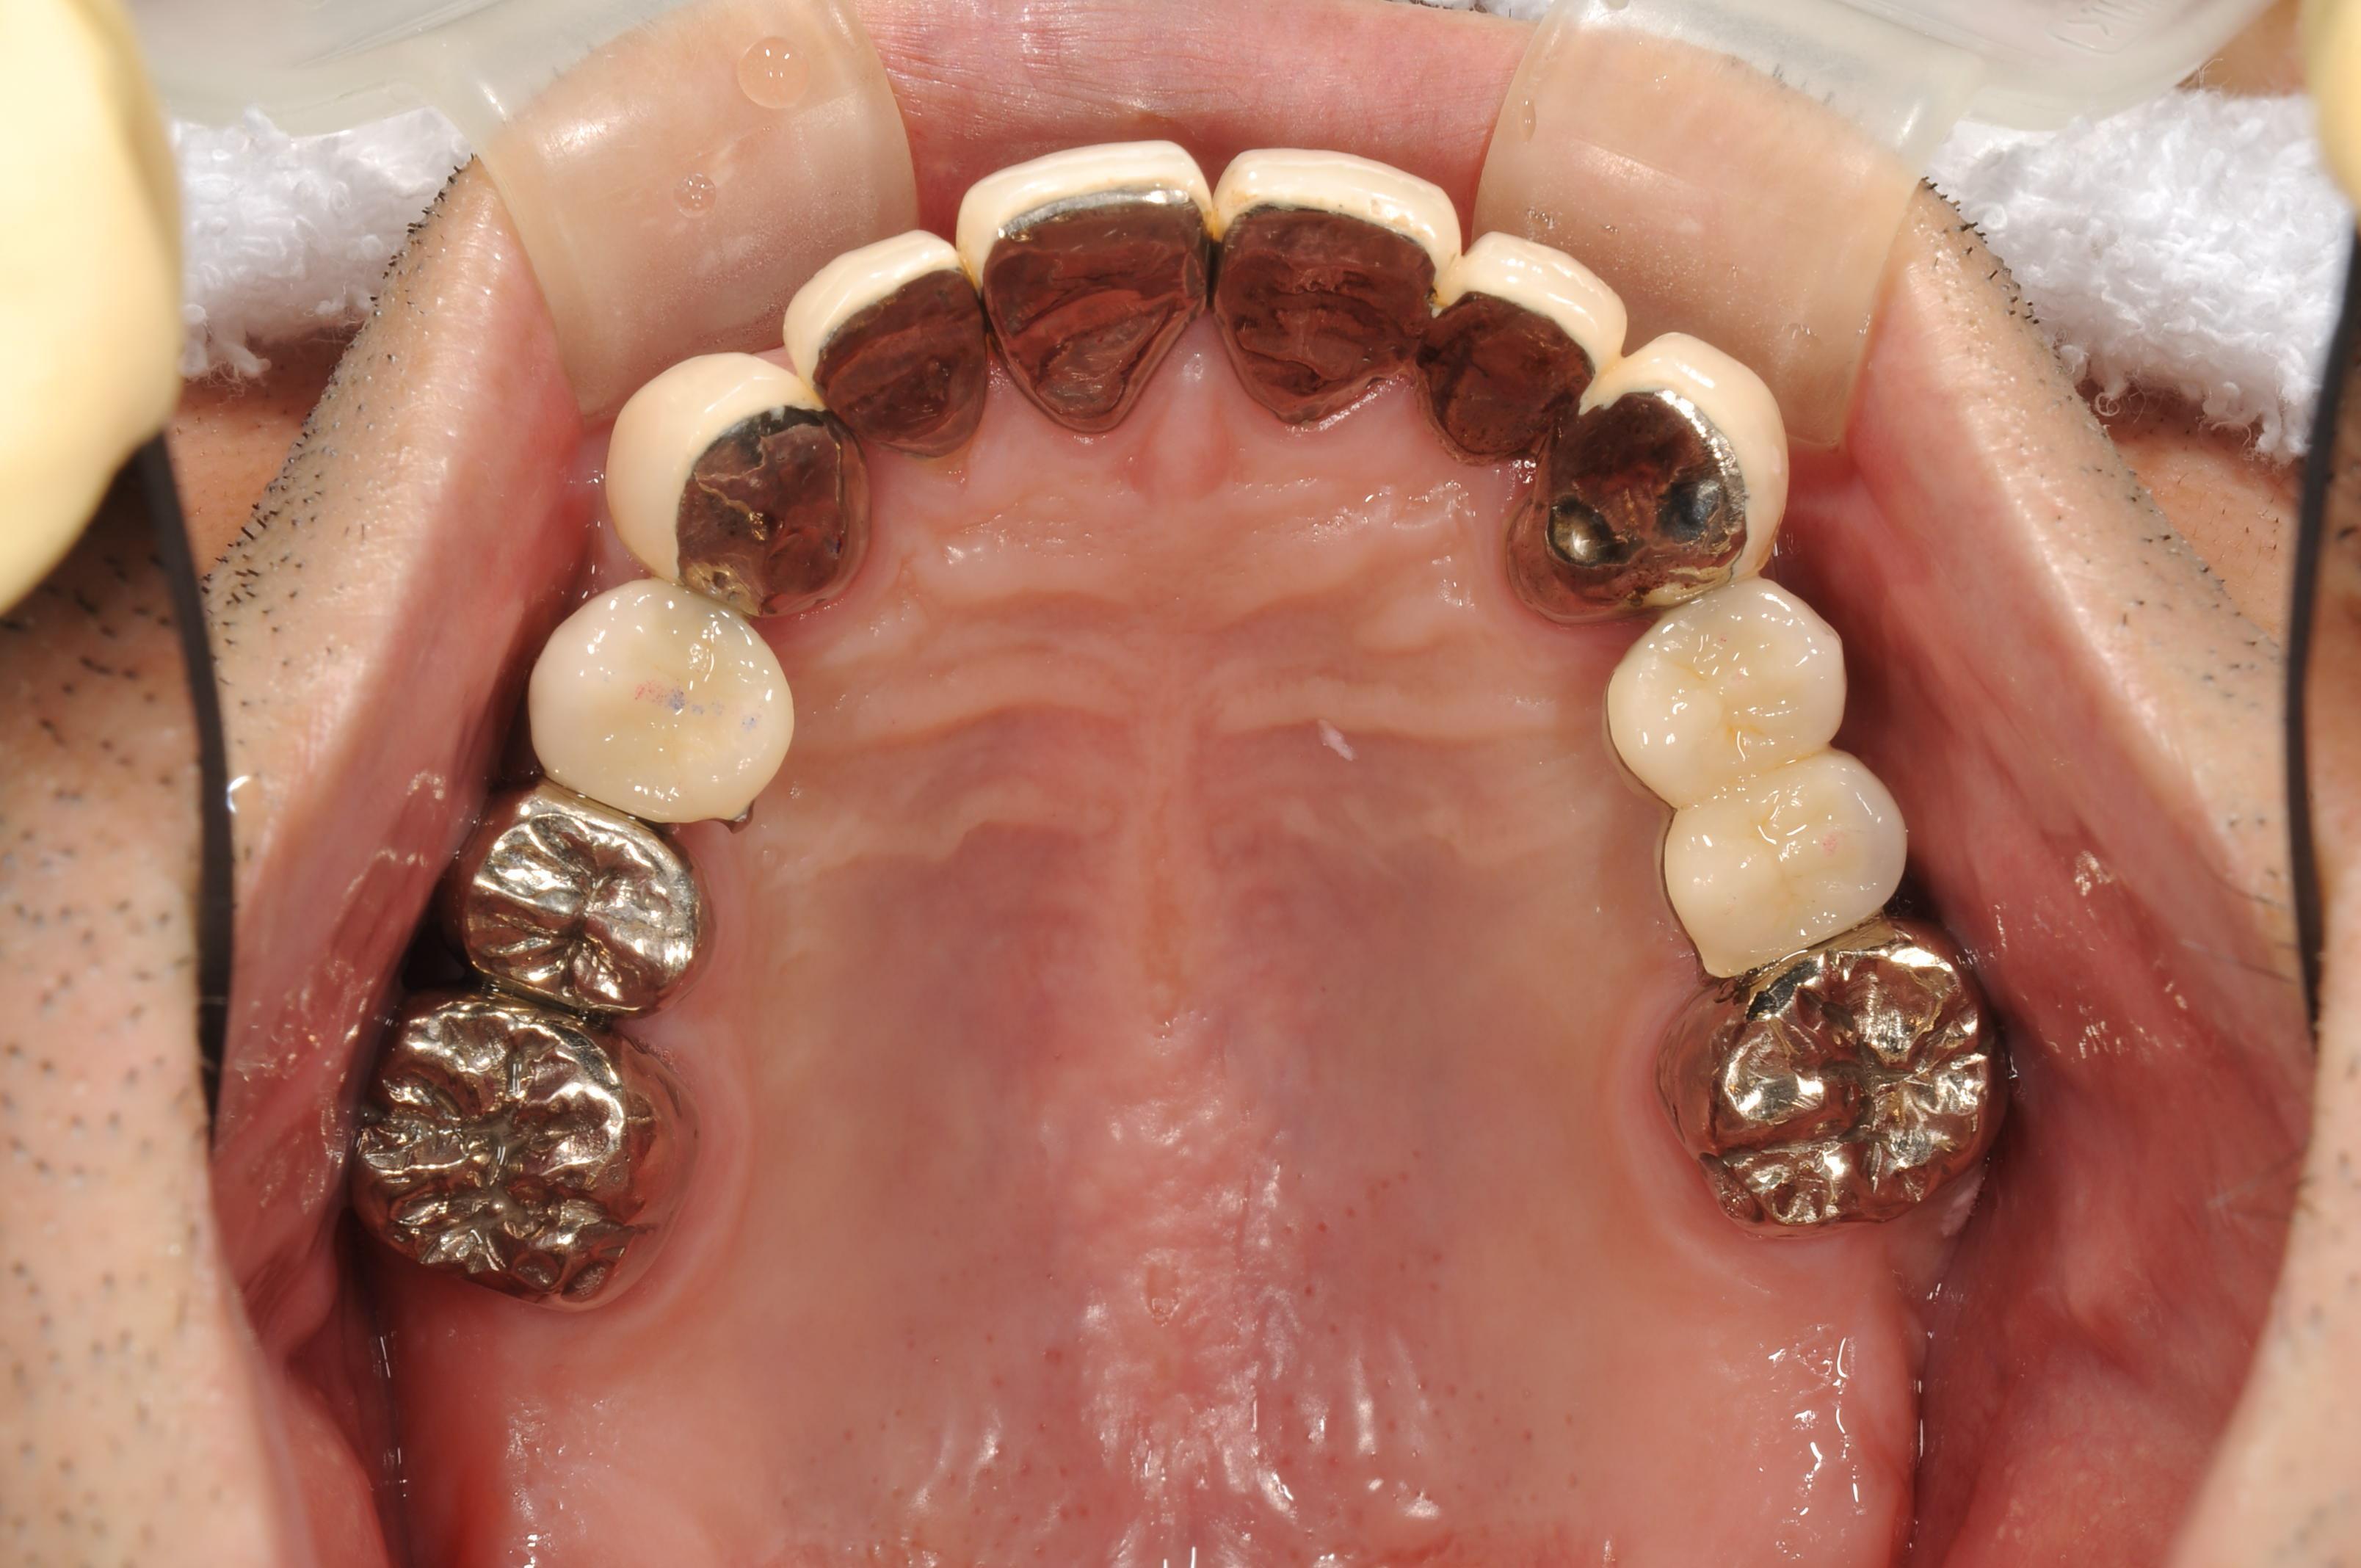 歯がボロボロになってしまった治療後2